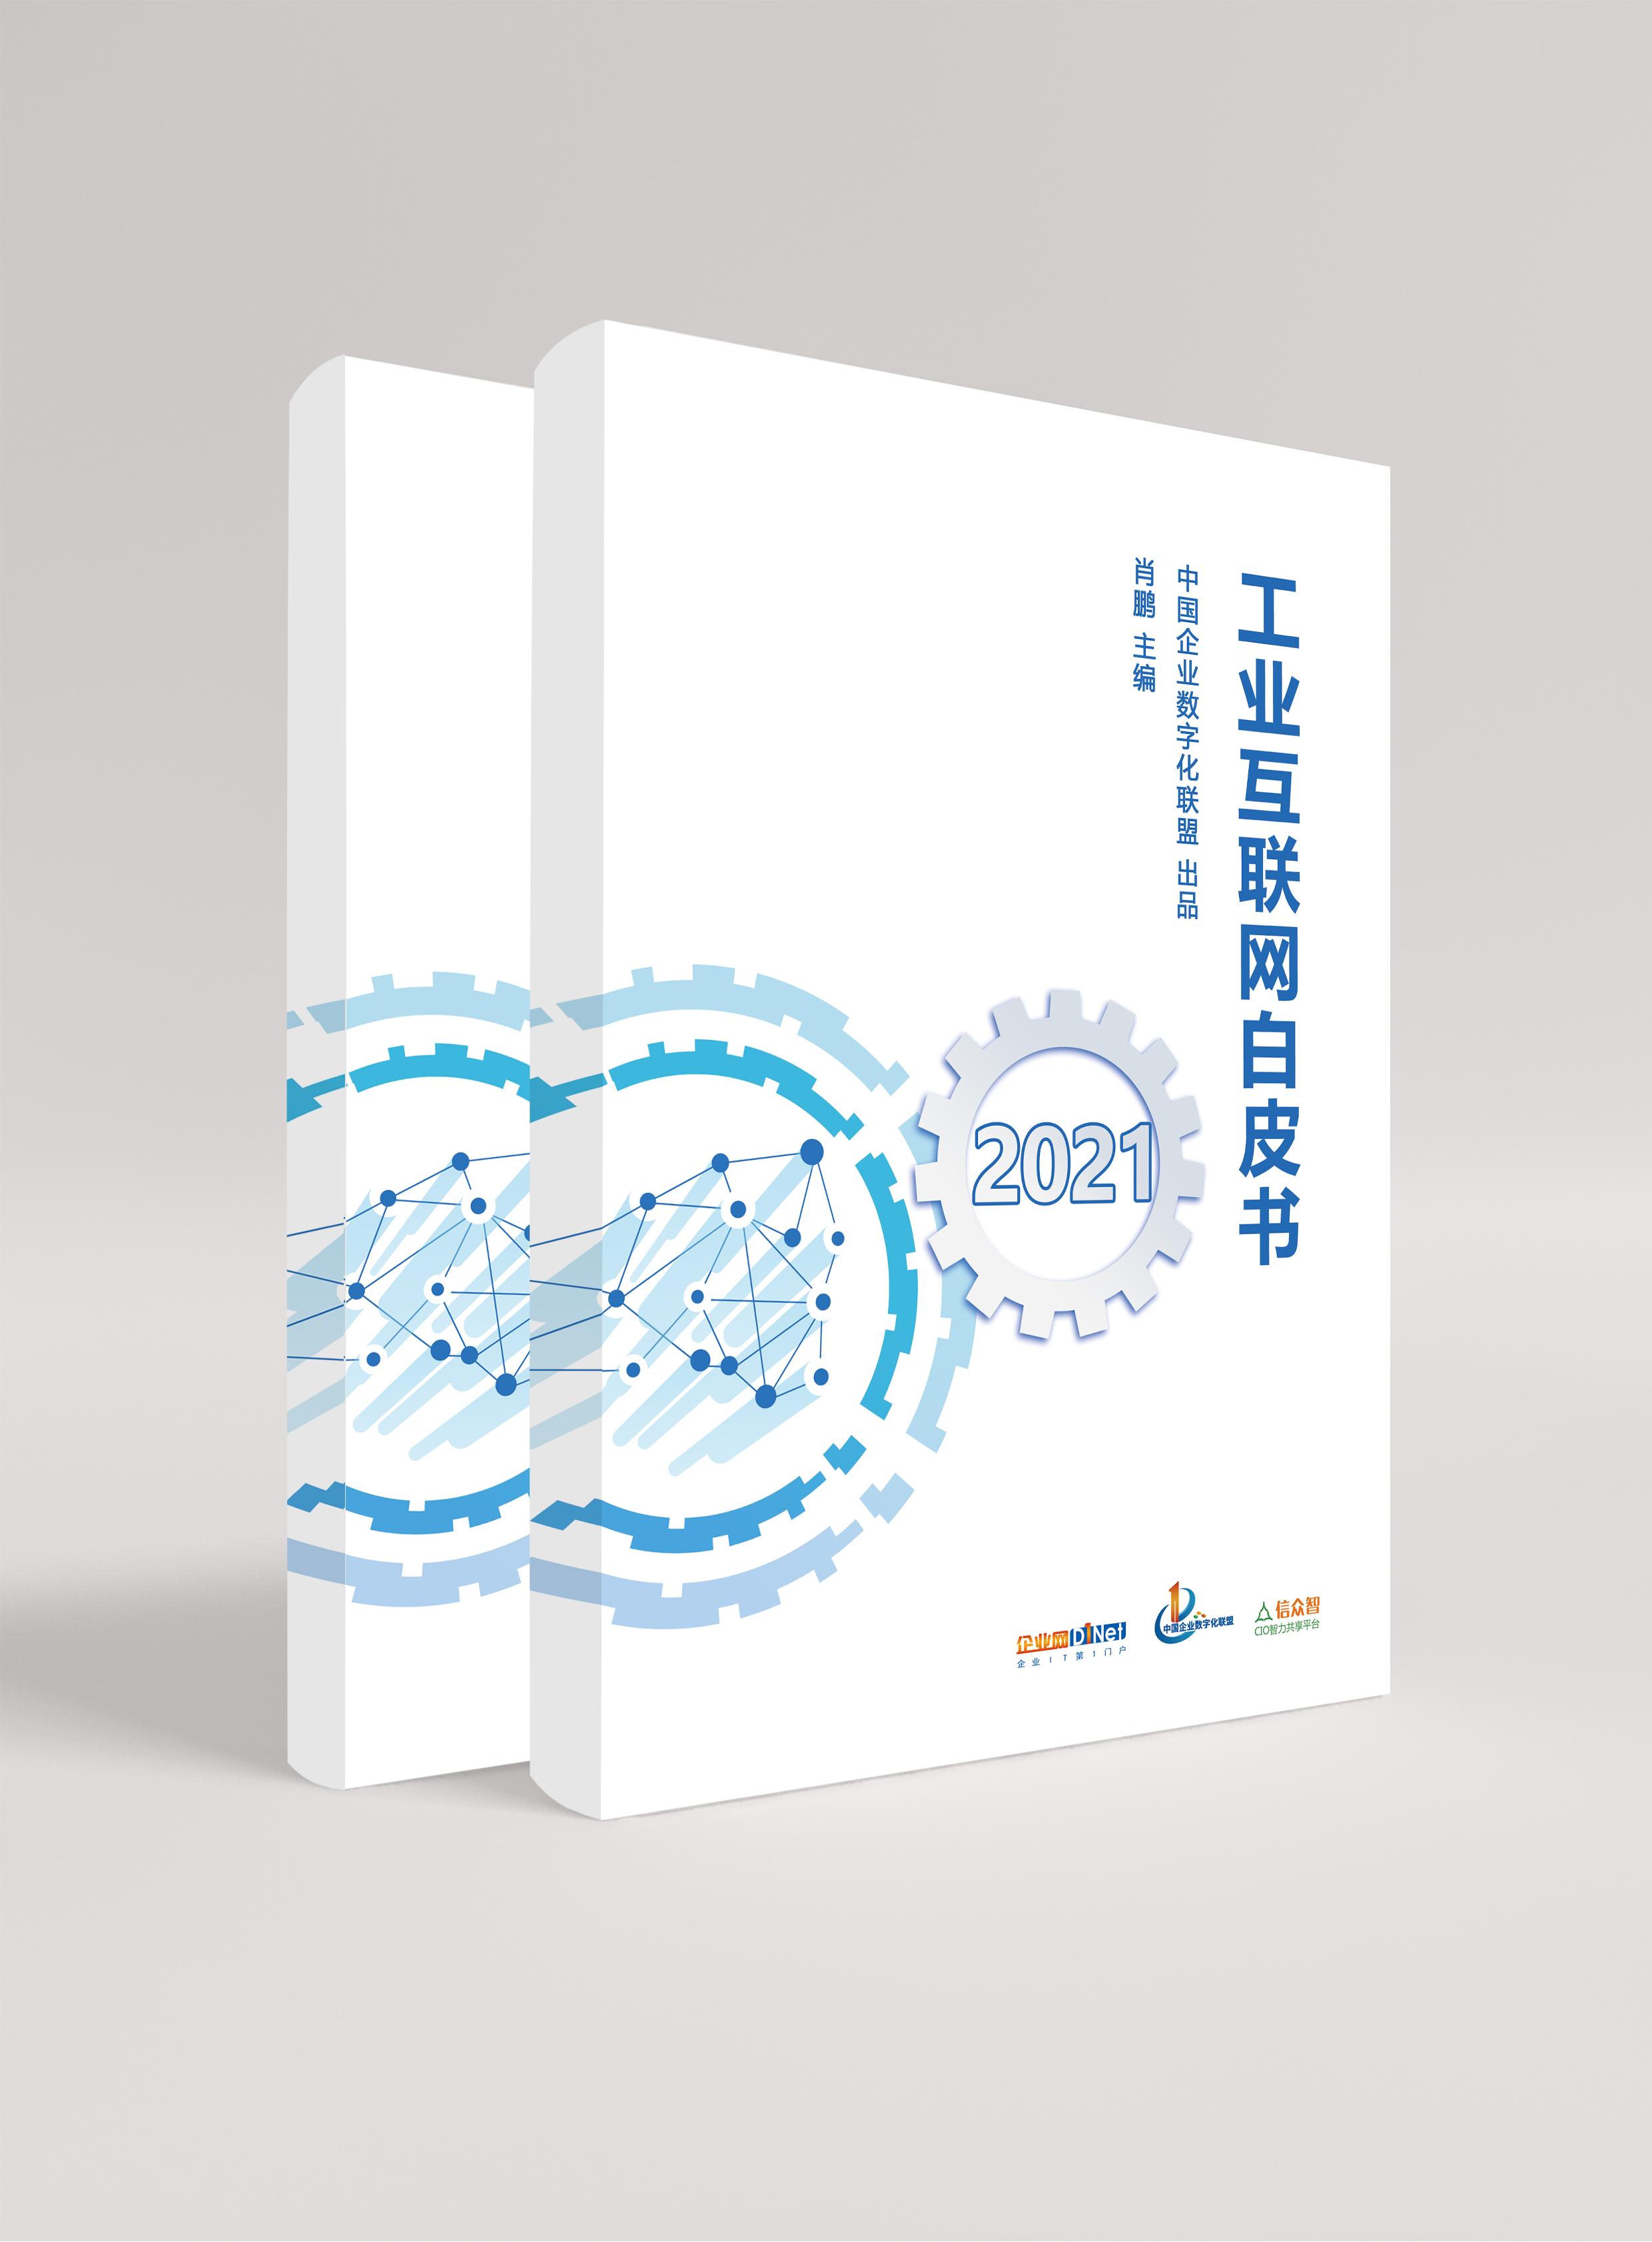 《2021工业互联网白皮书》将于10月22日发布